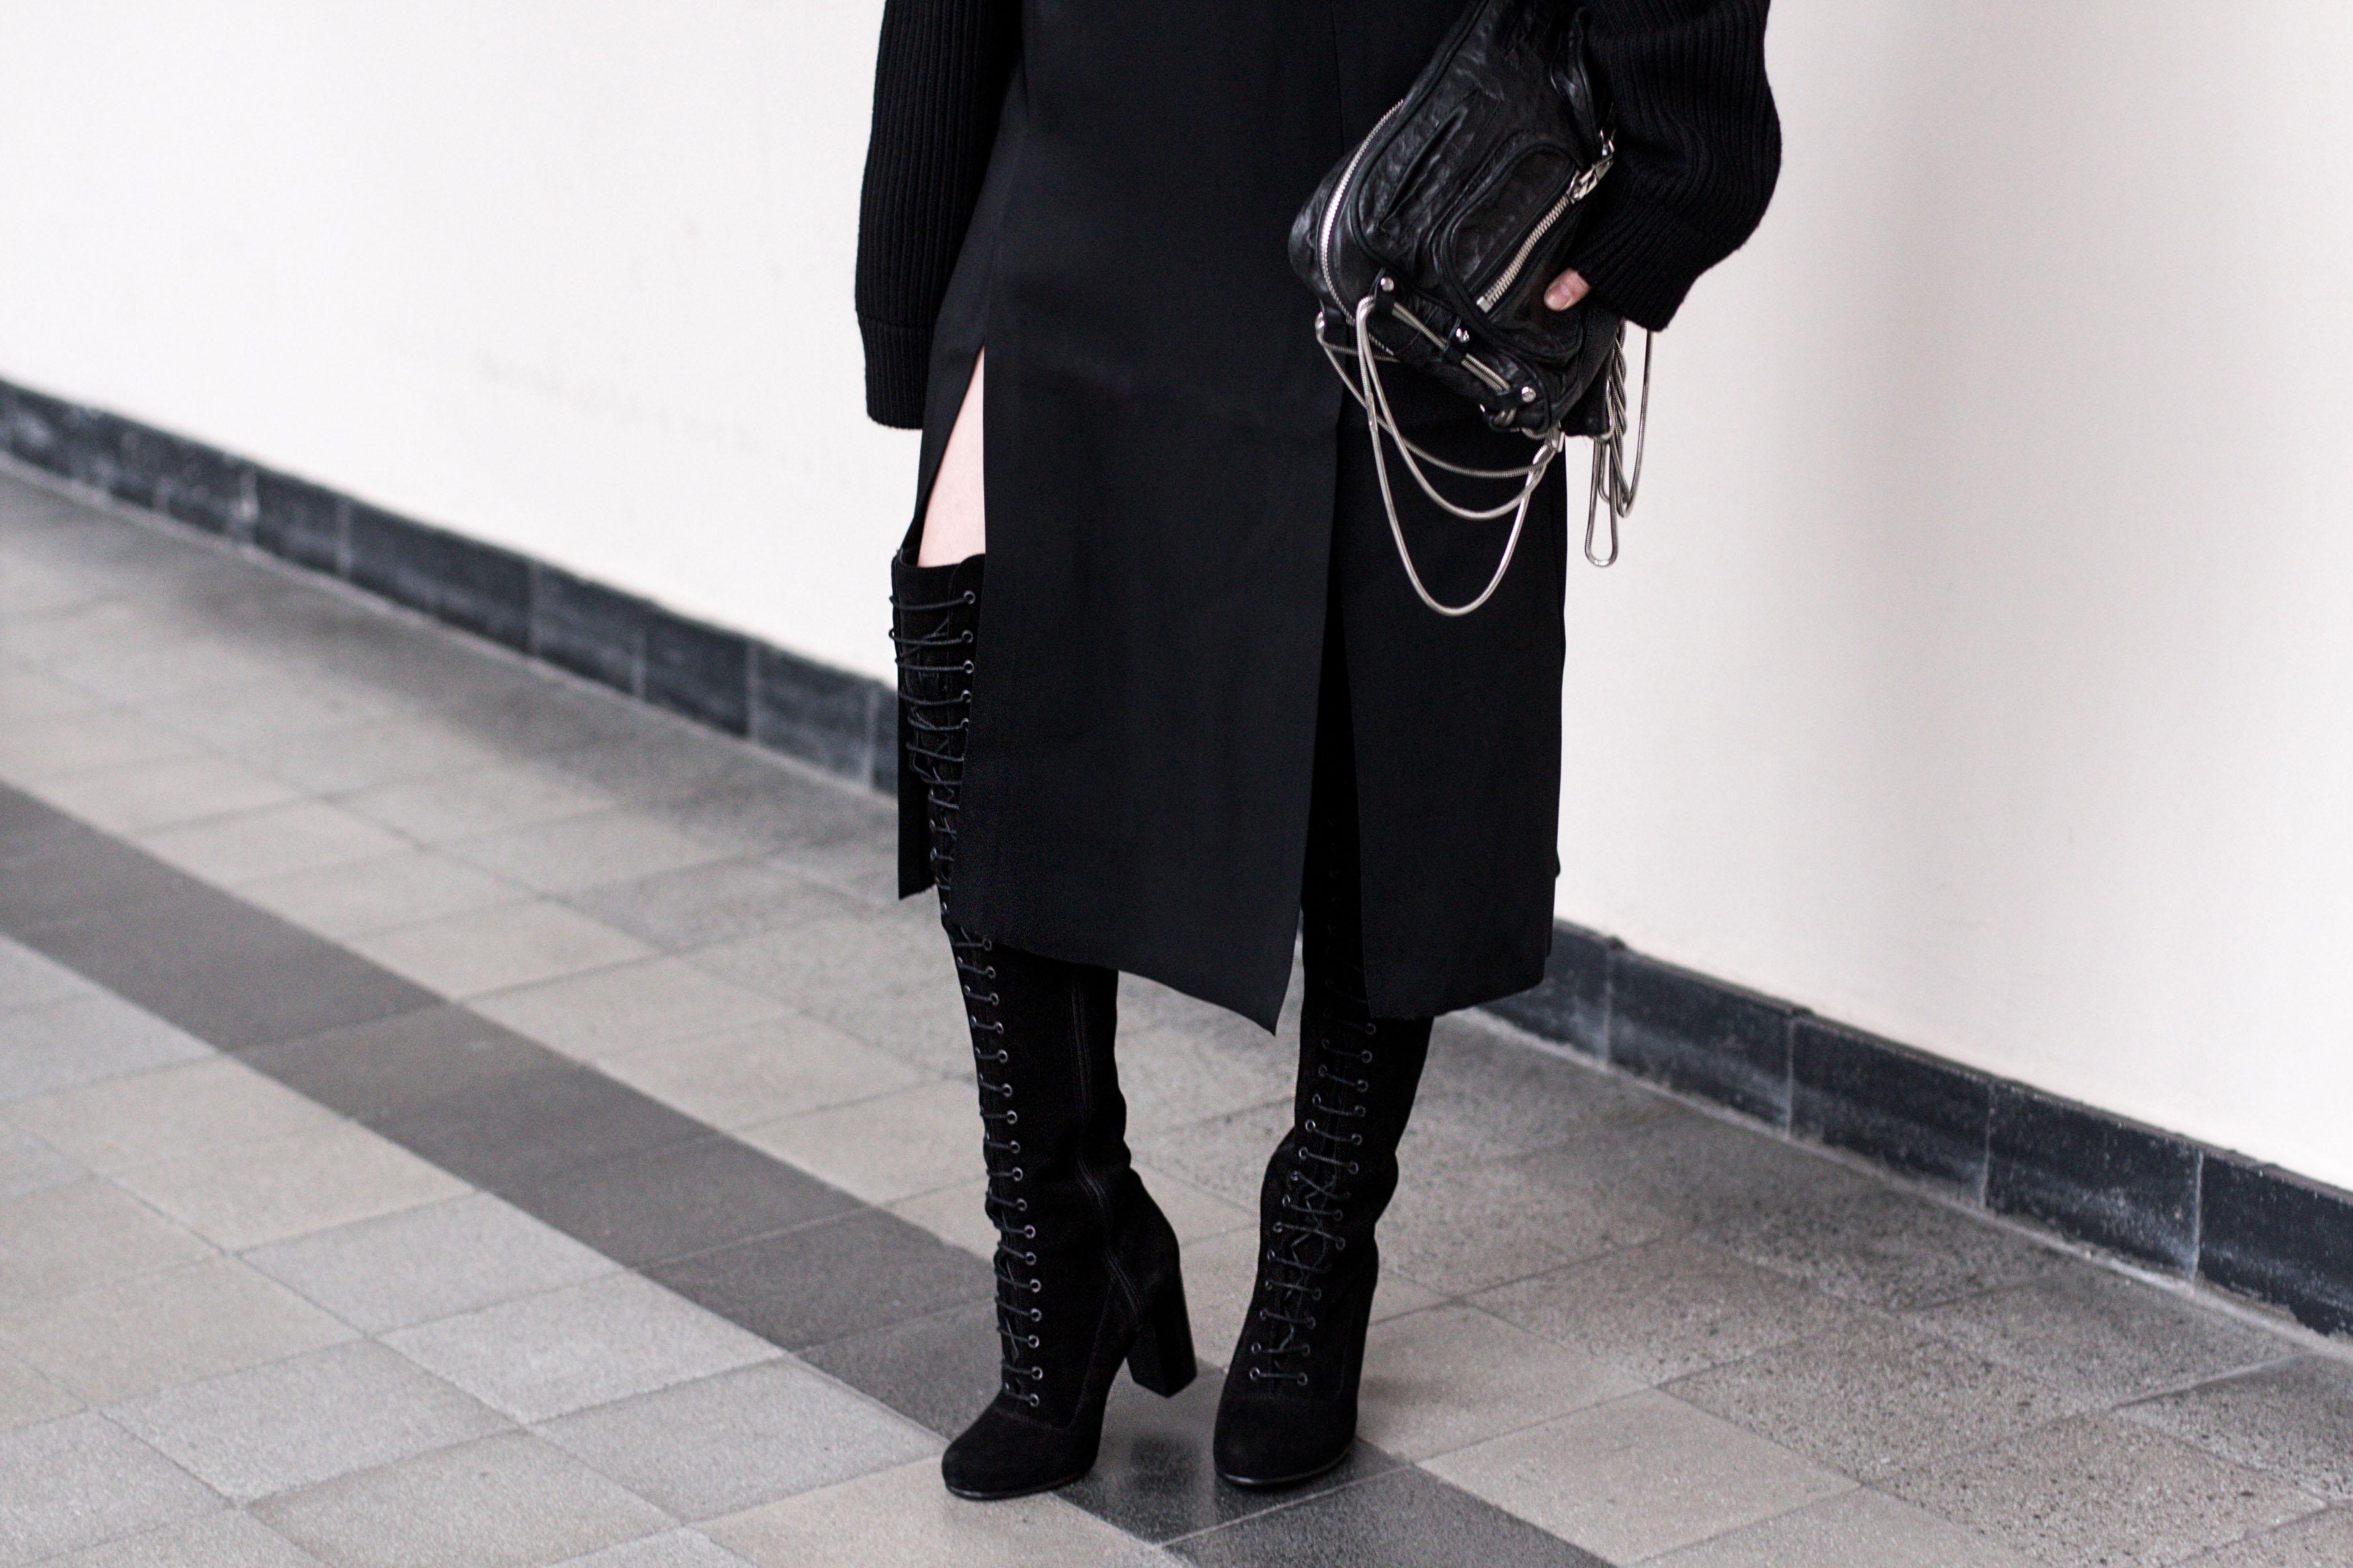 Overknee Stiefel in braun günstig im Schuhtempel24 Online